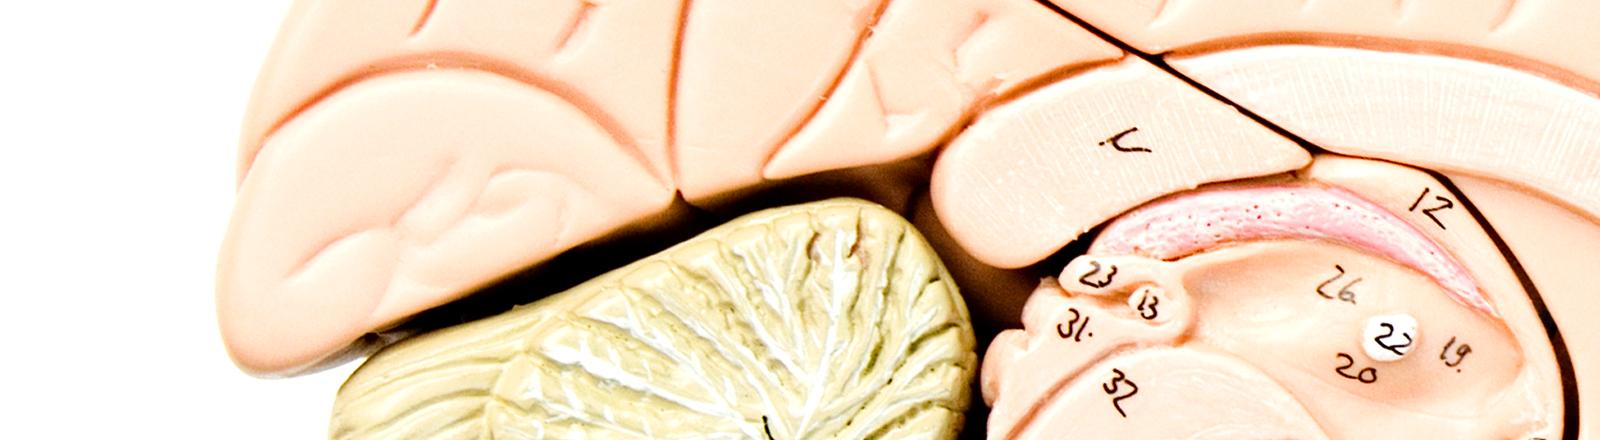 Ansicht eines Gehirnmodells